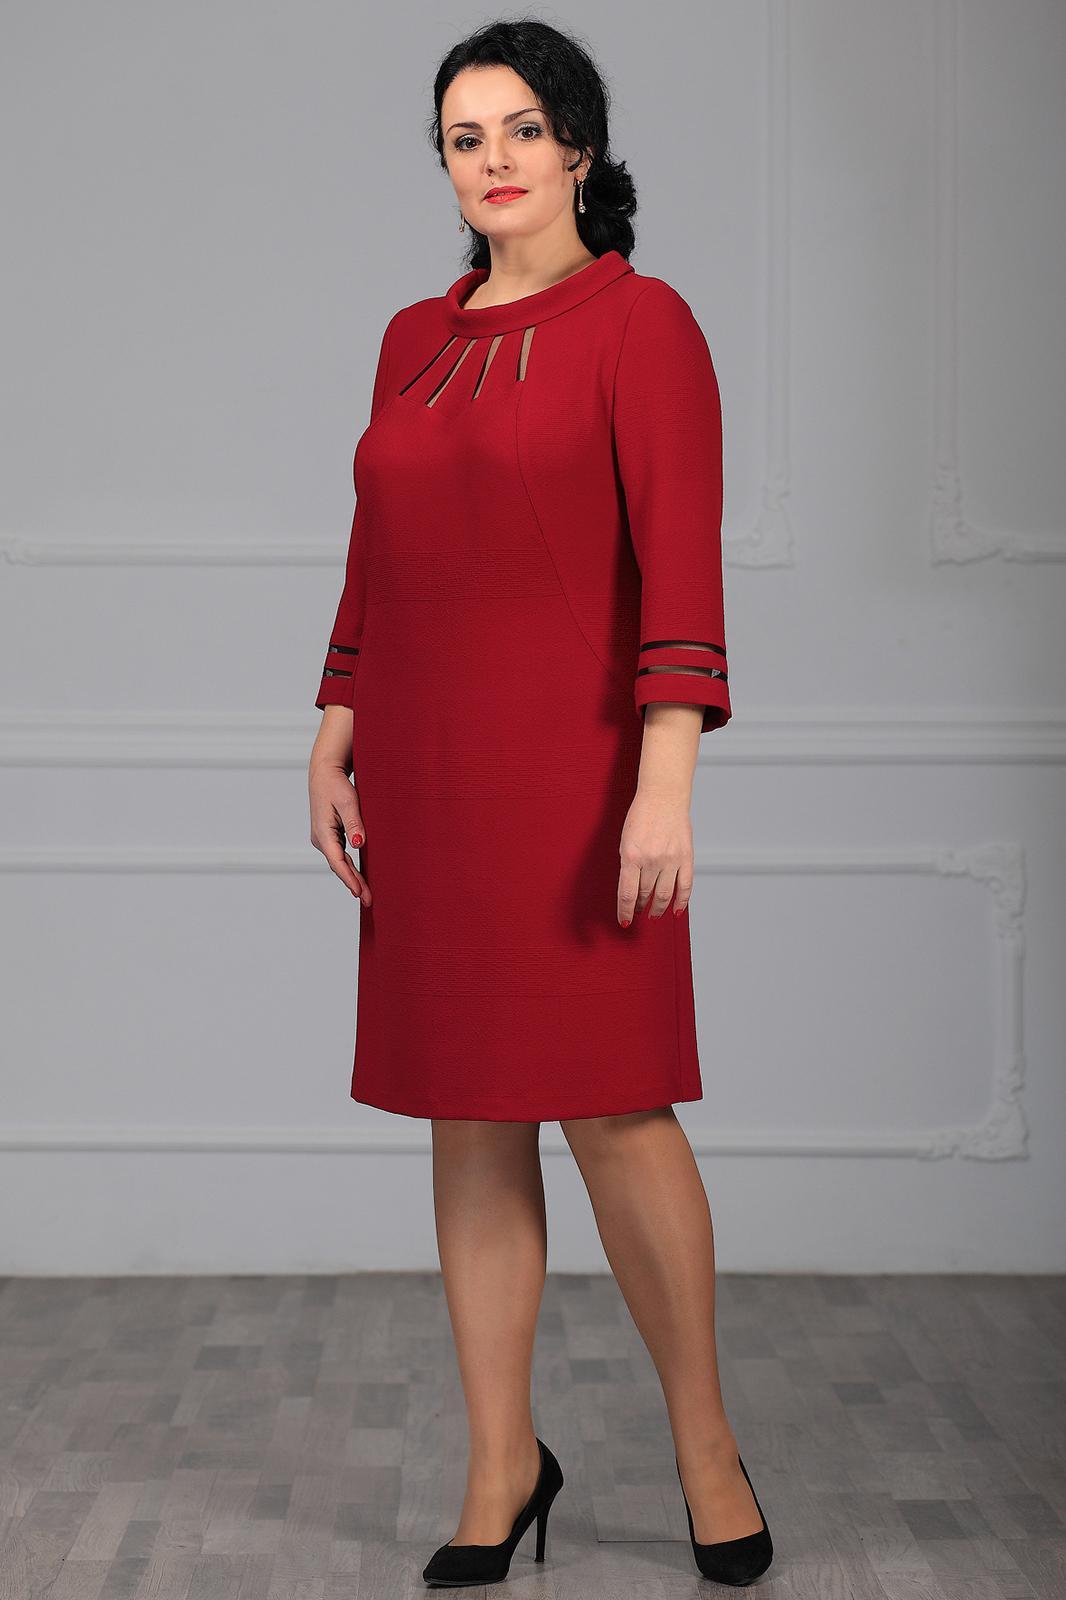 f081b39dff64 Купить платье в интернет-магазине в Минске. Белорусские женские платья